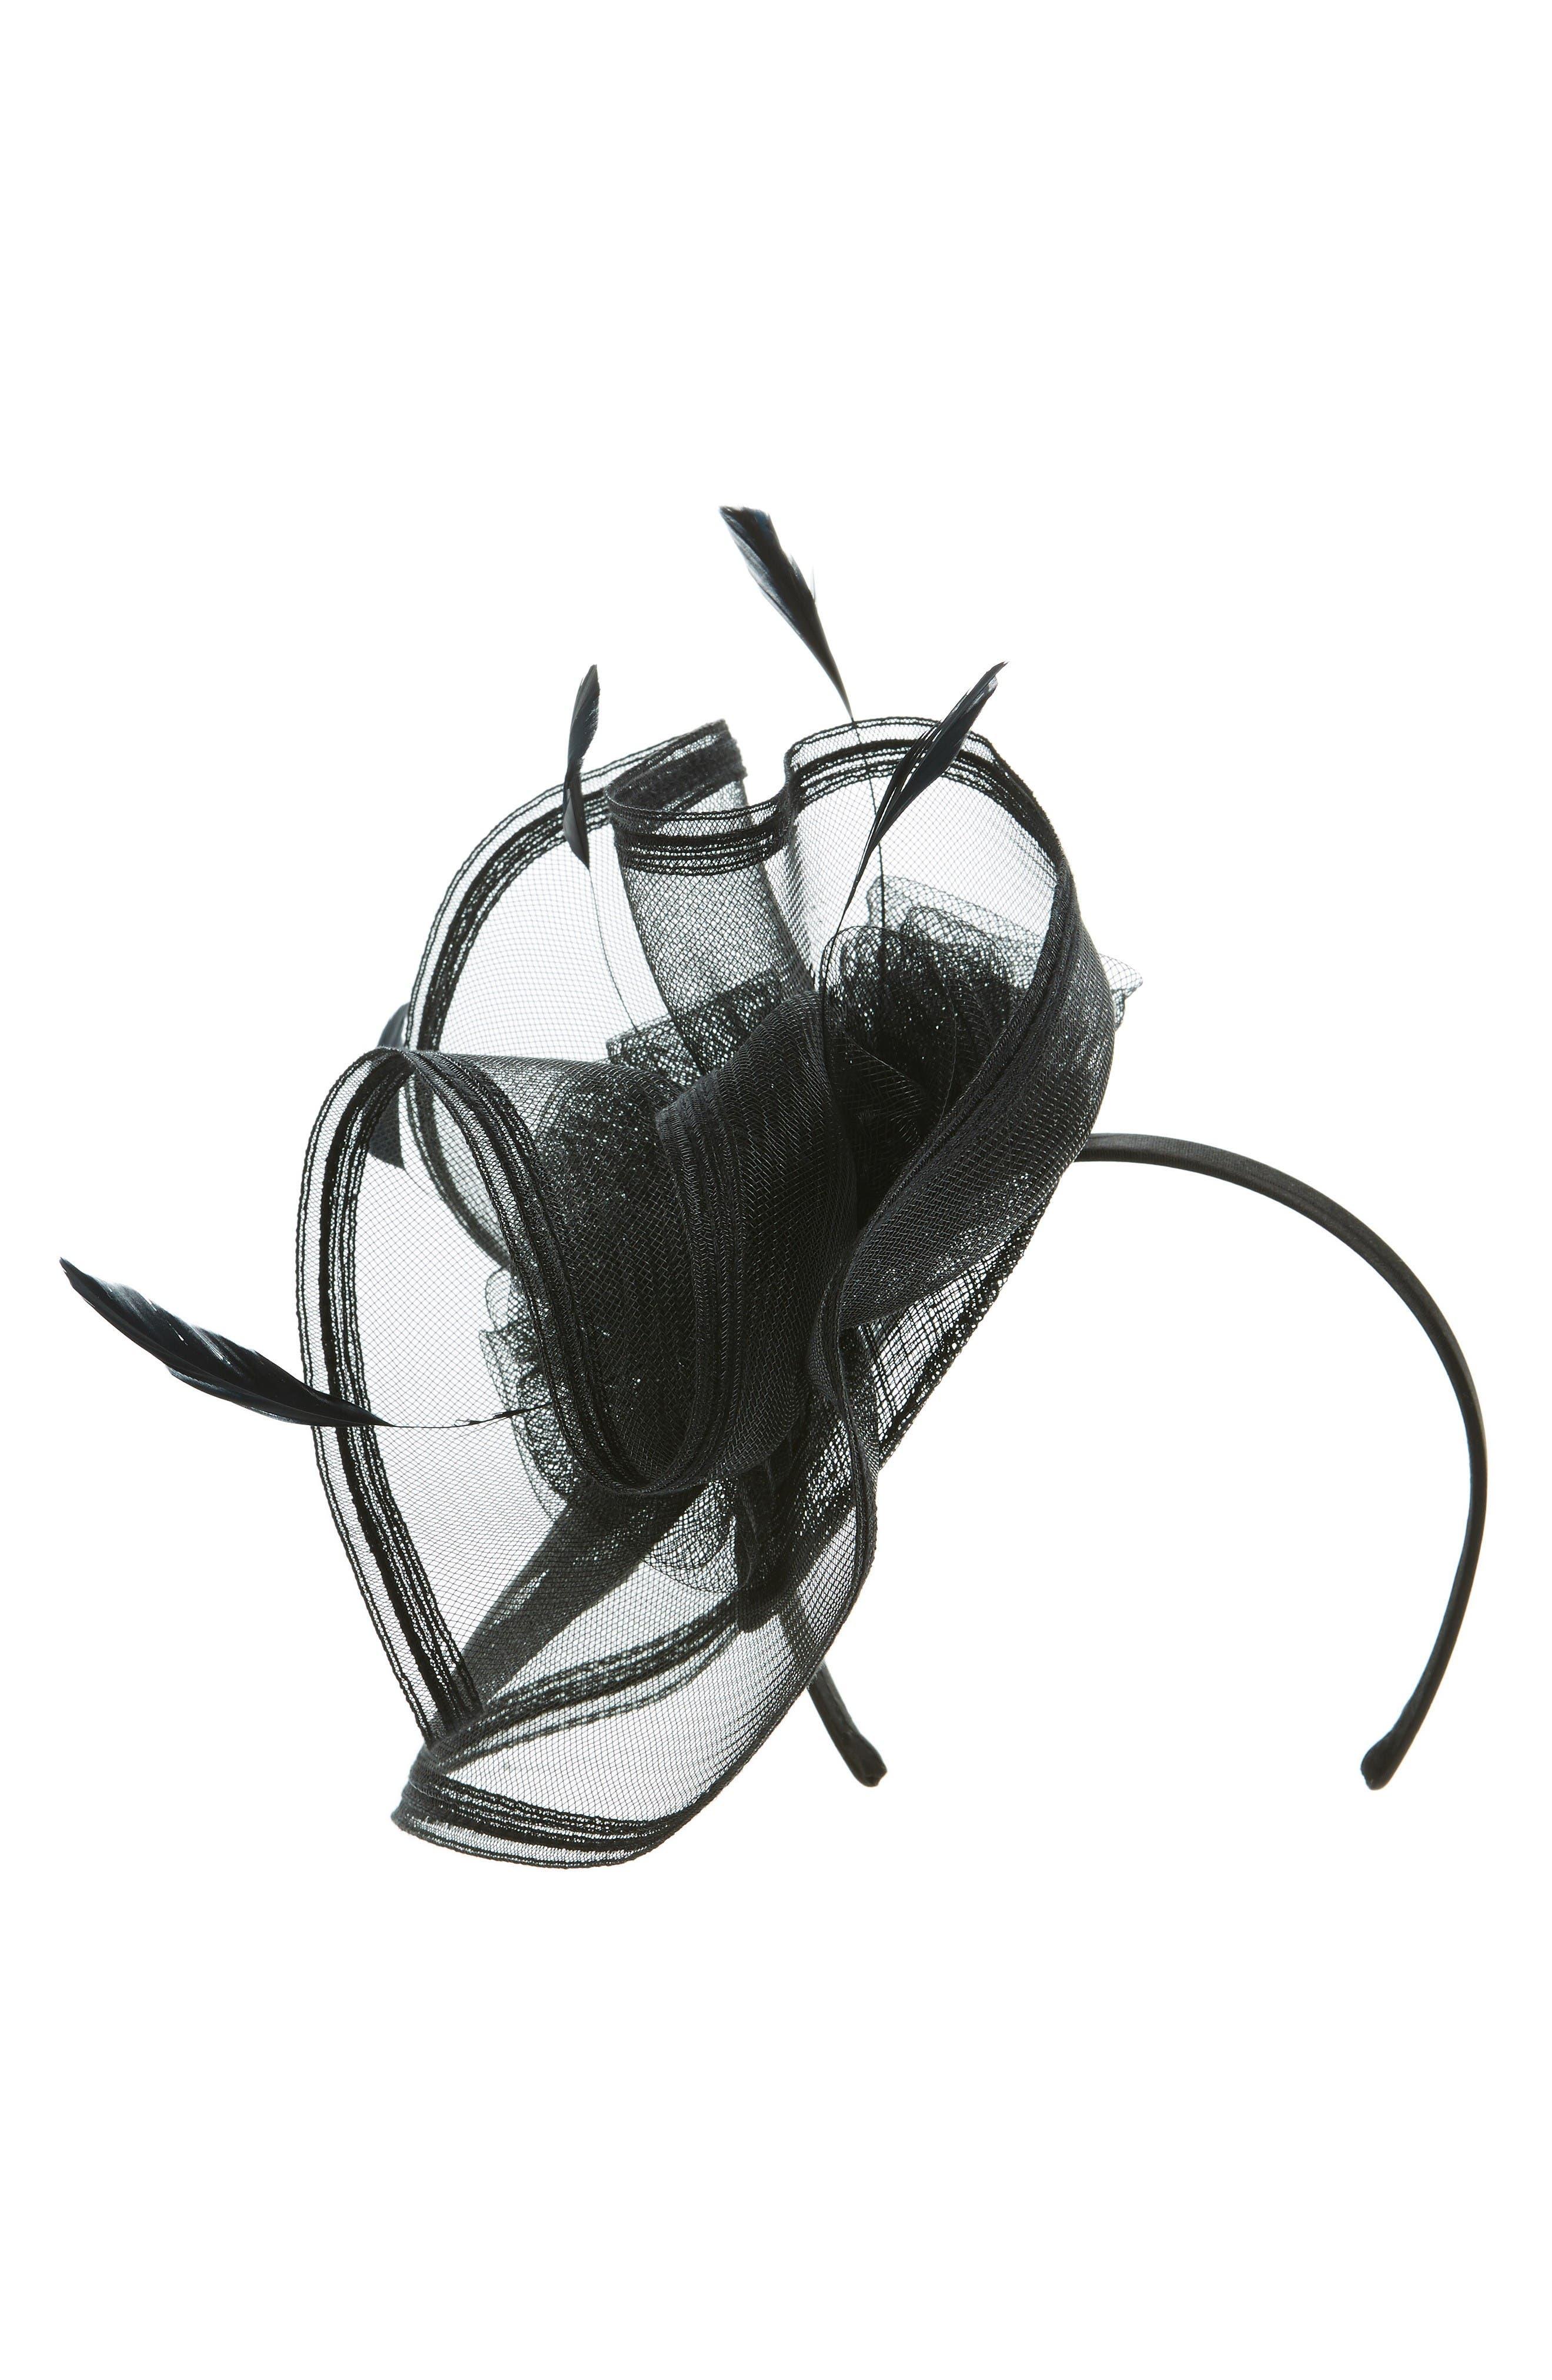 Main Image - Nordstrom Border Fascinator Headband